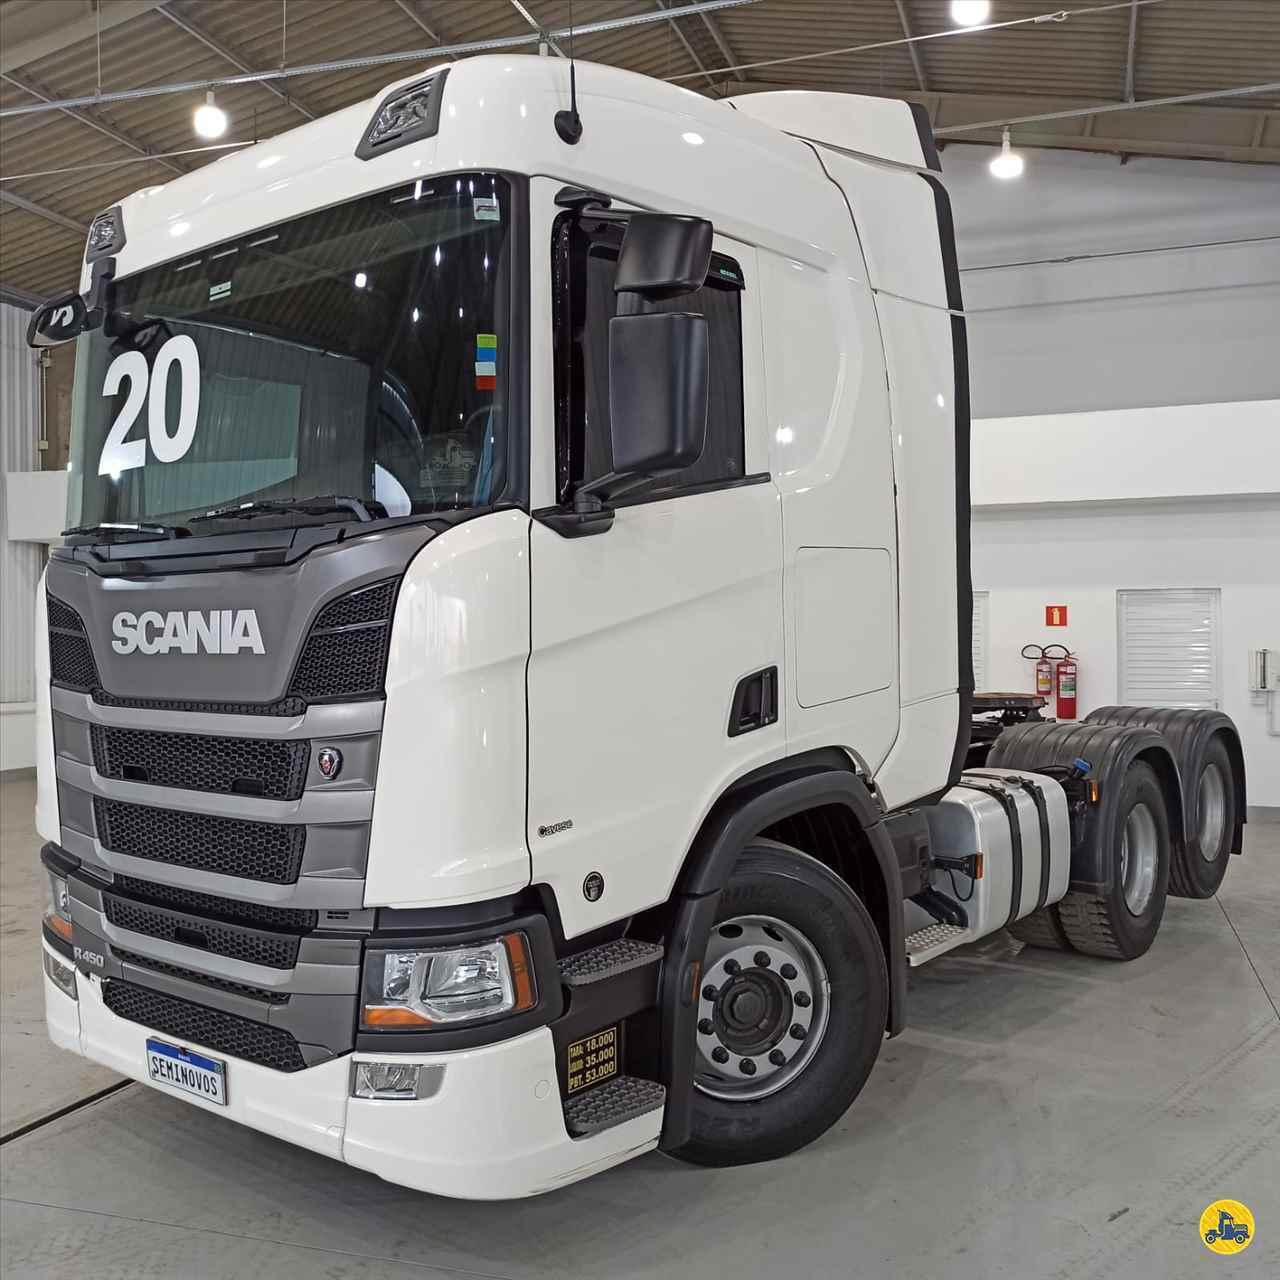 SCANIA 450 de Scania Seminovos - SAO JOSE DOS PINHAIS/PR